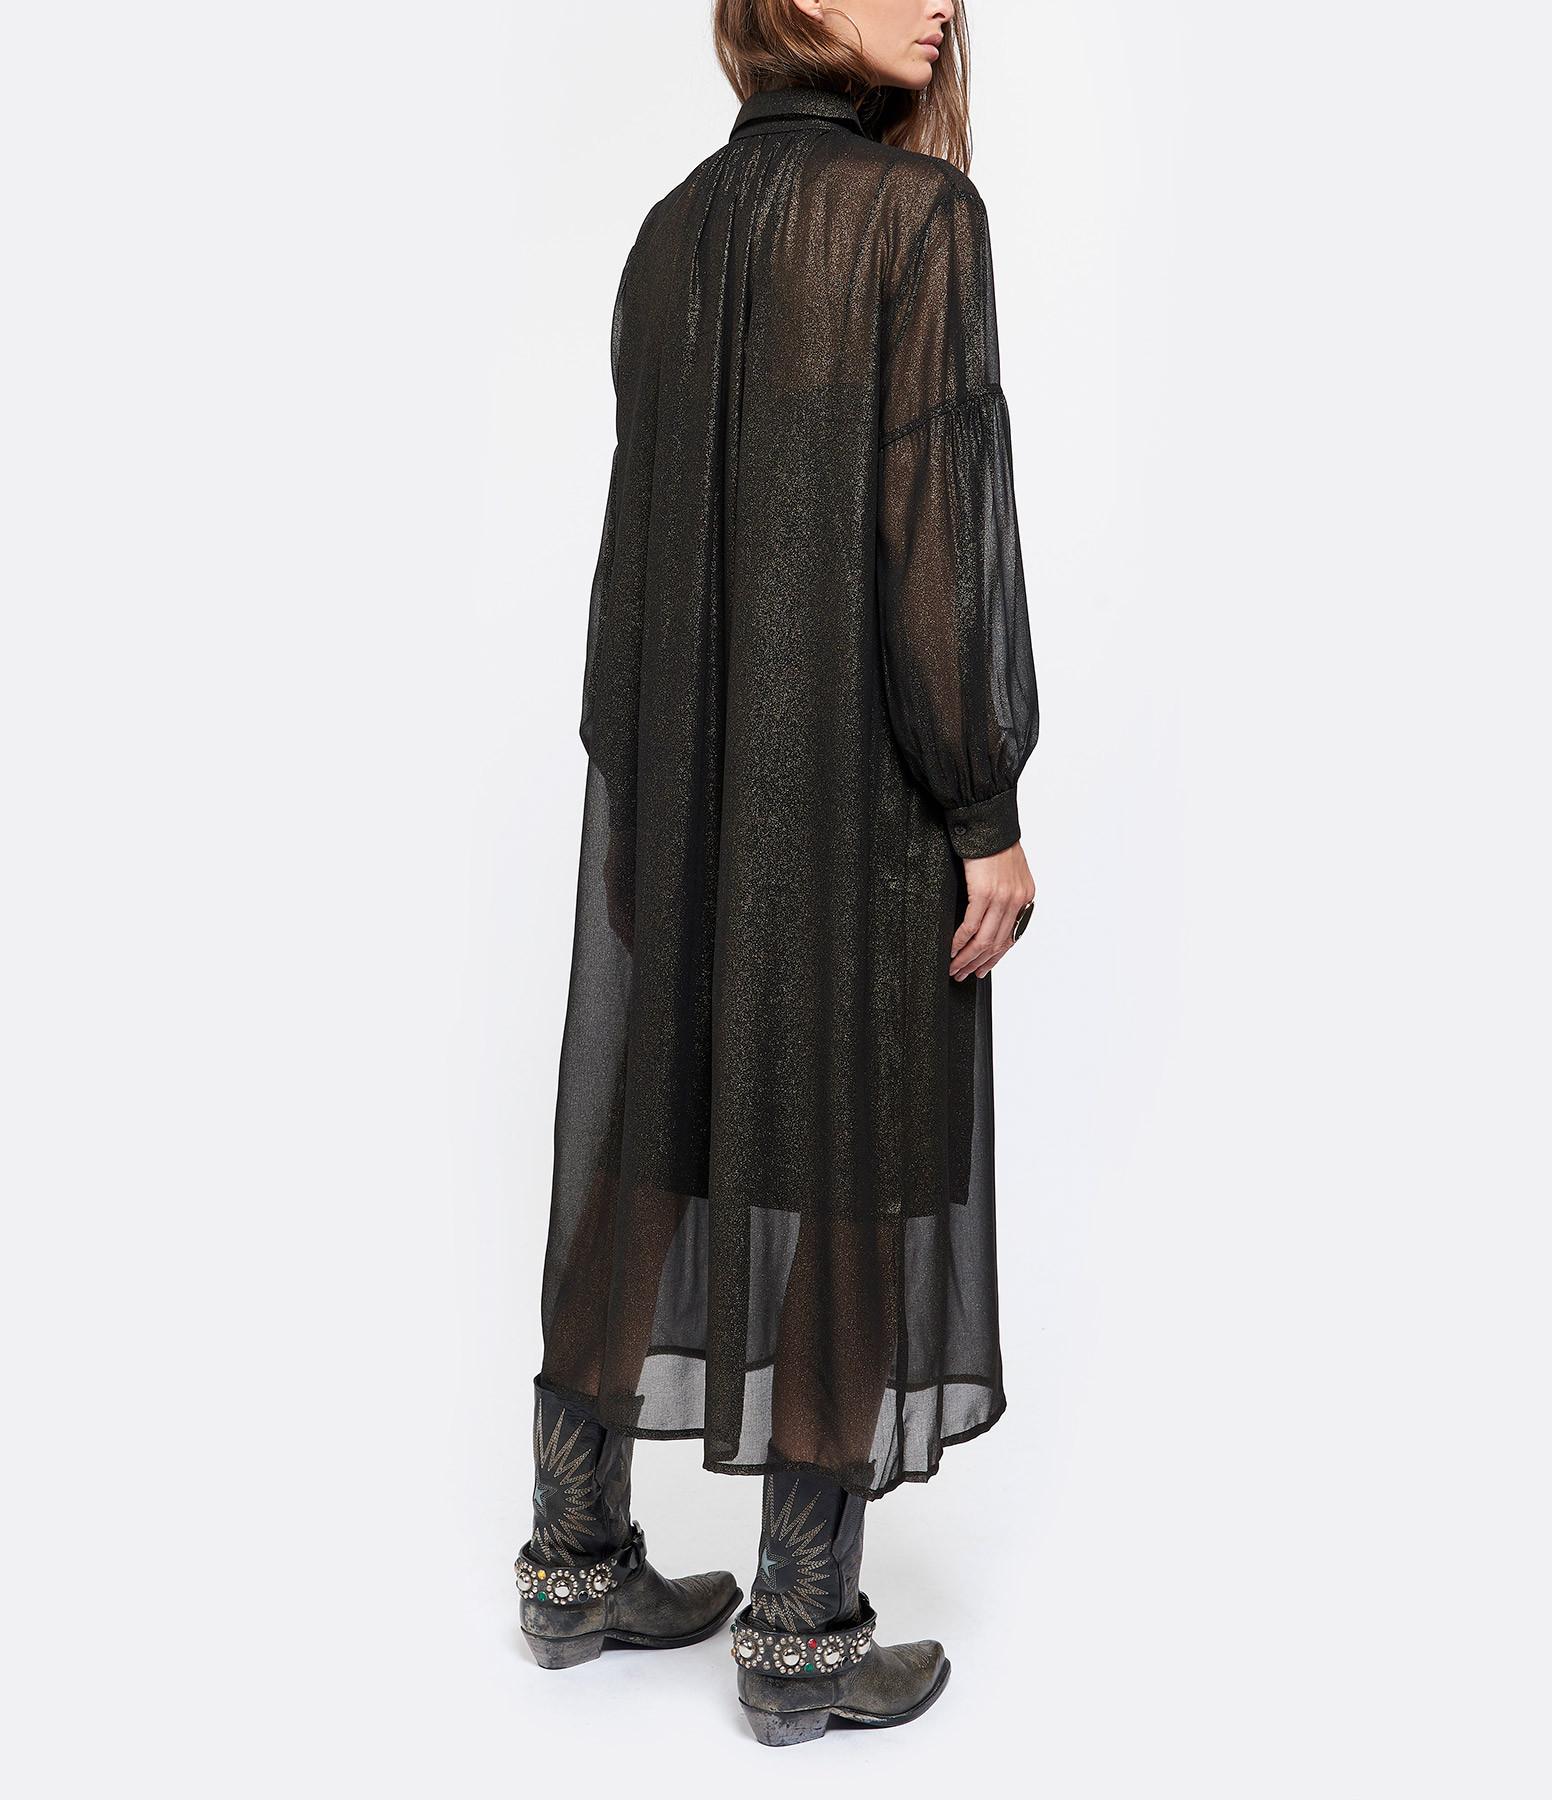 JEANNE VOULAND - Robe Chemise Anna Paillettes Doré